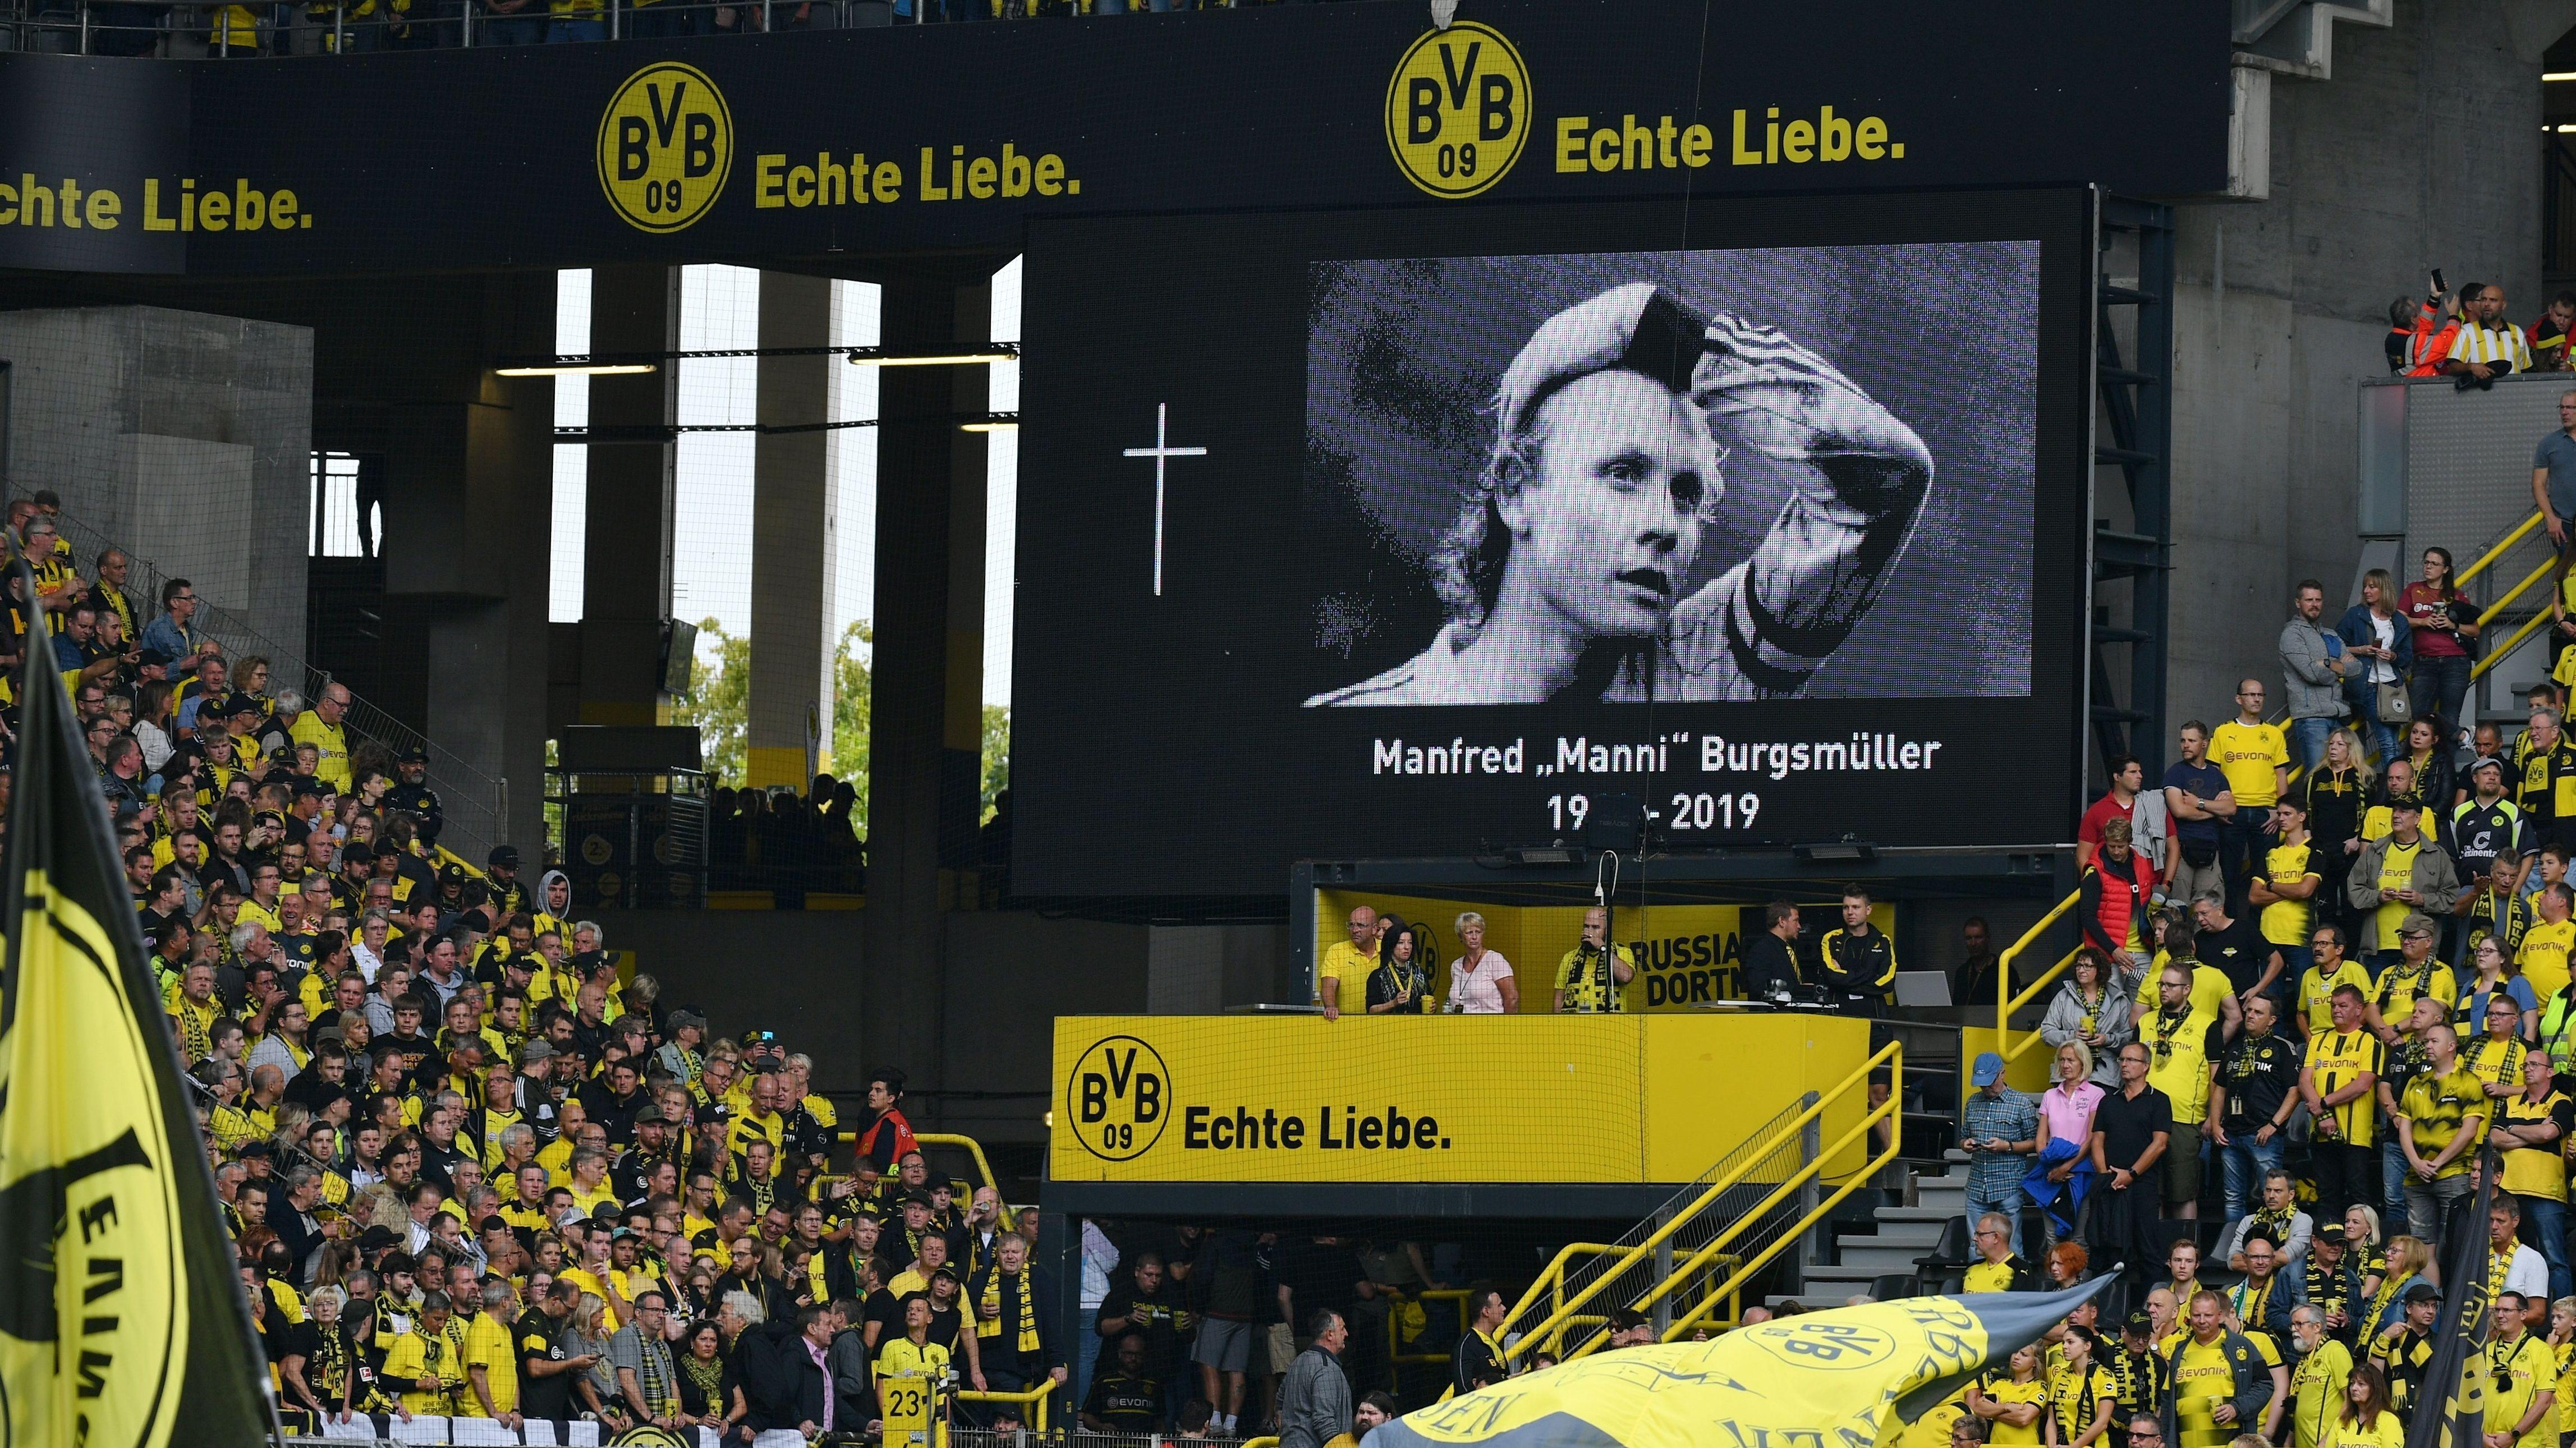 Gedenkminute für Manni Burgsmüller im BVB-Stadion